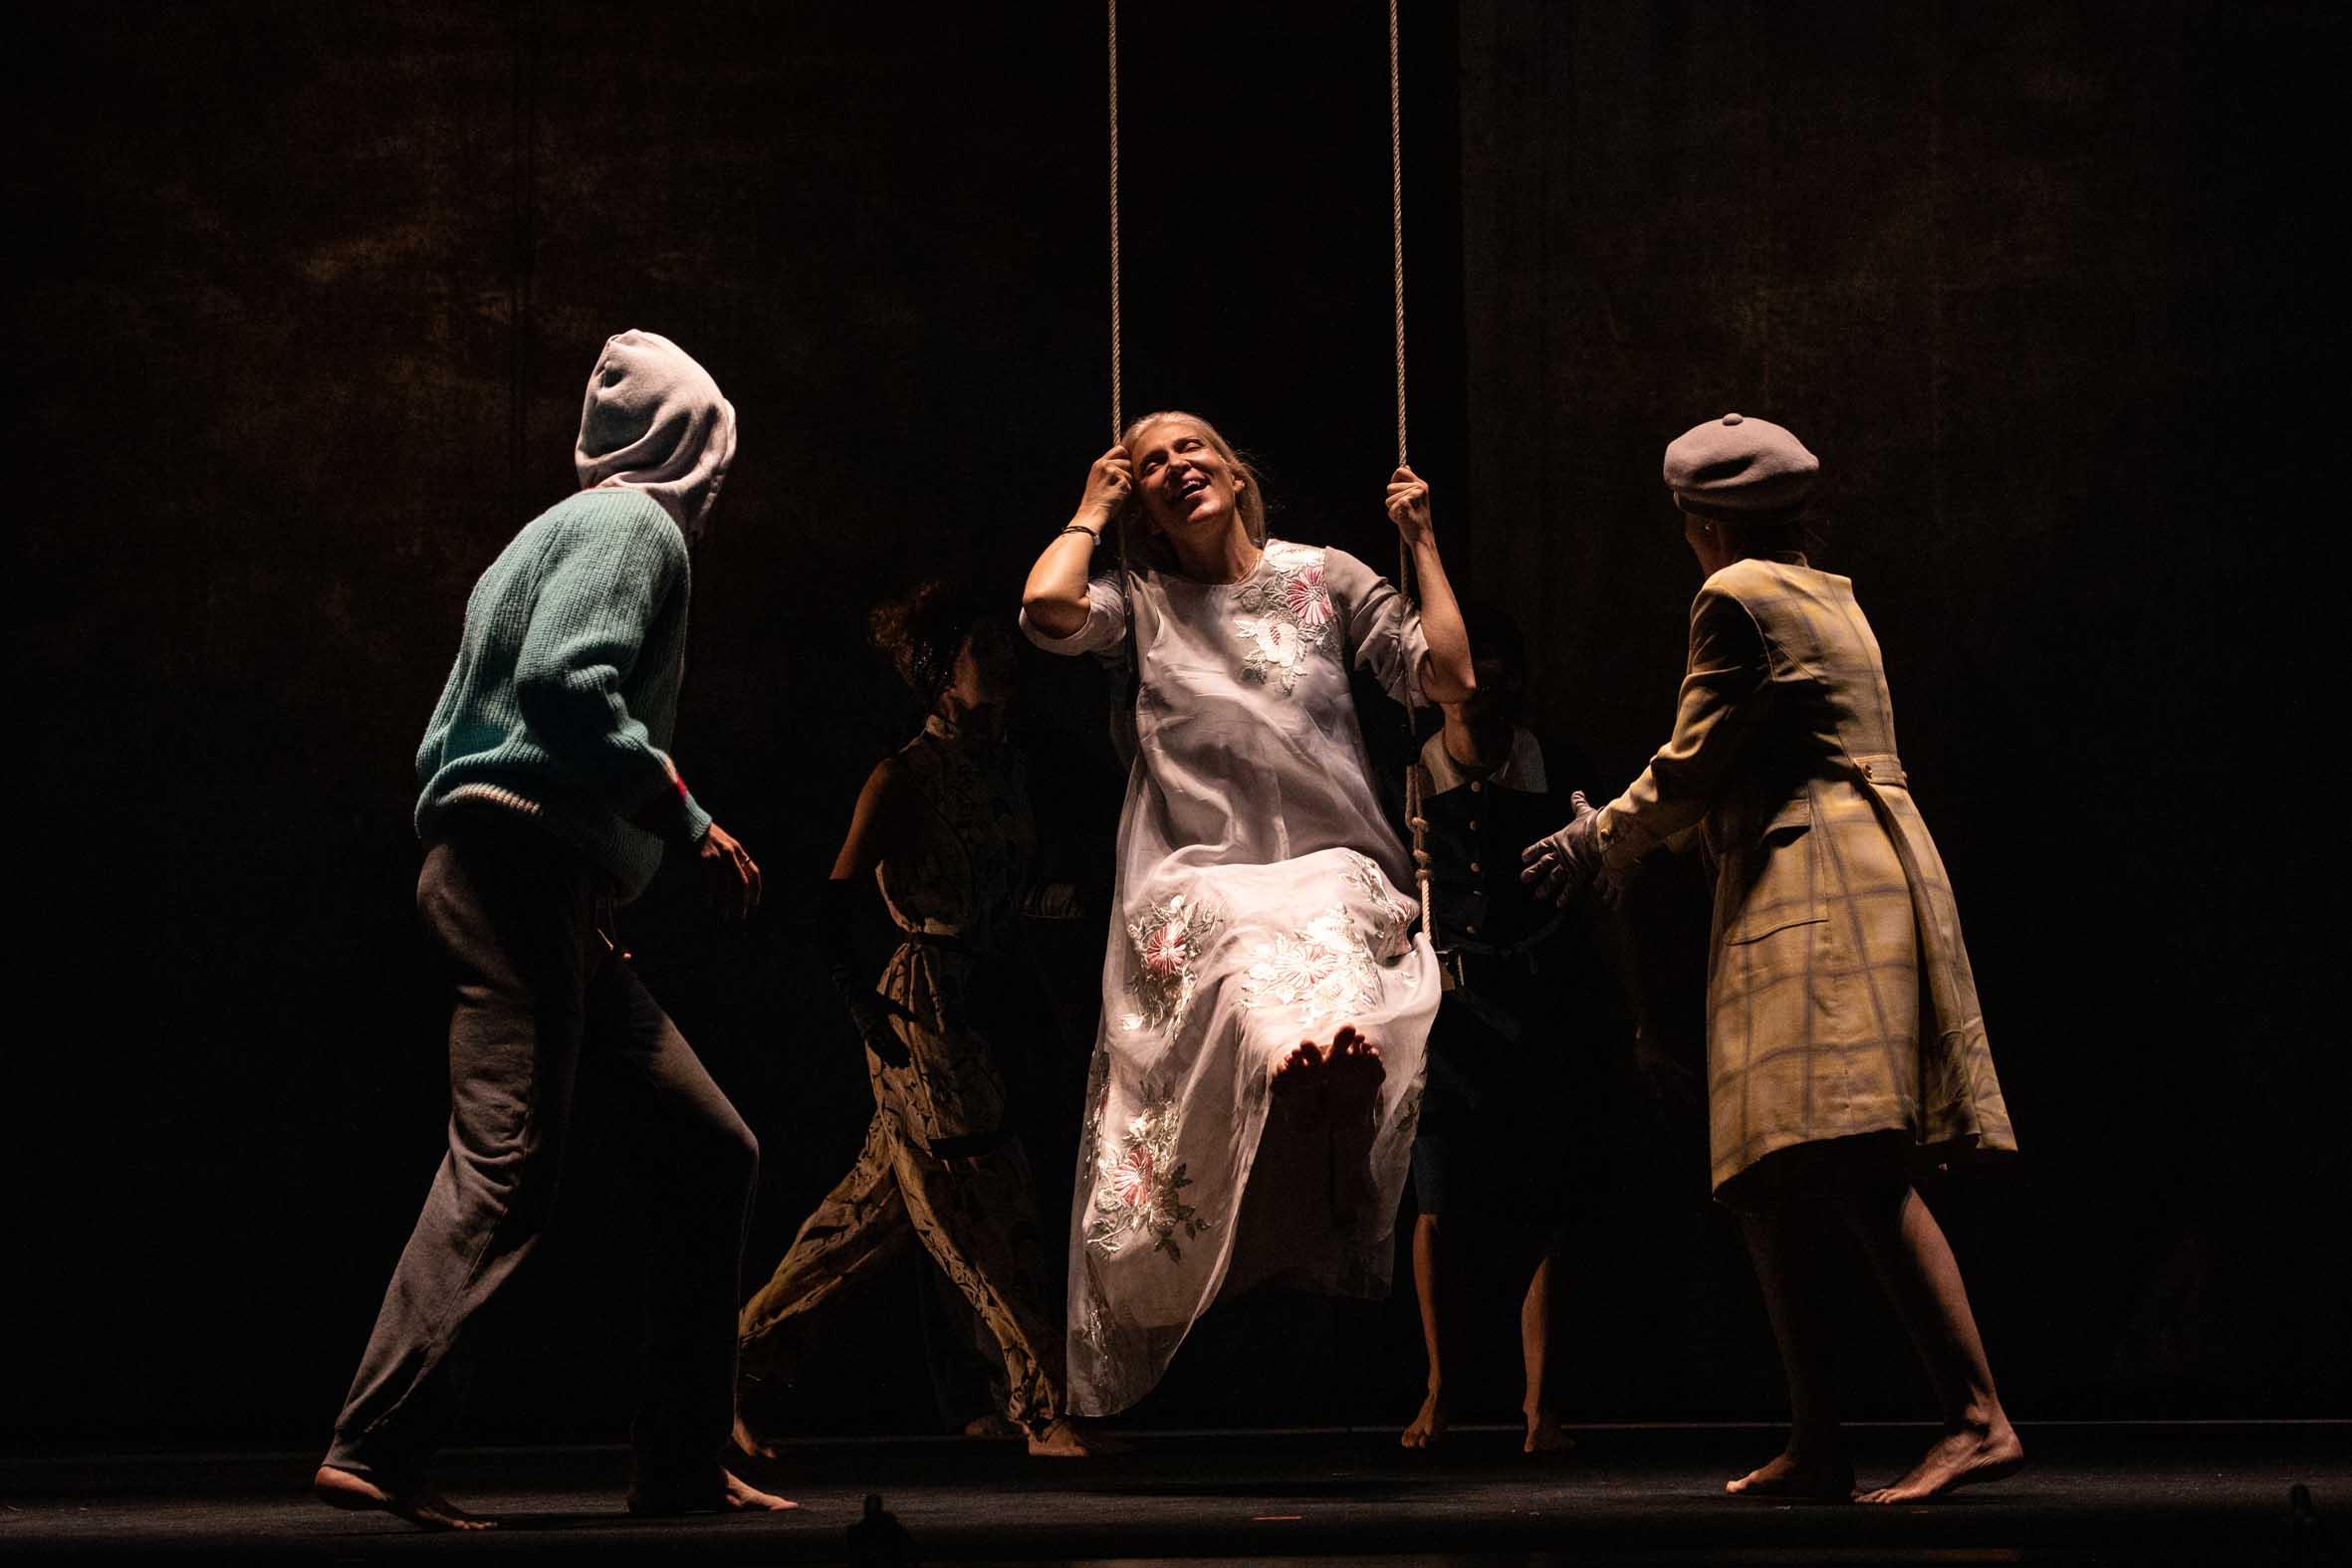 La vicenda di Jezabel (in scena al Teatro Mercadante fino a domenica 16 febbraio)inizia nell'aula di tribunale in cui la protagonista è sul banco degli imputati accusata dell'omicidio del suo [...]